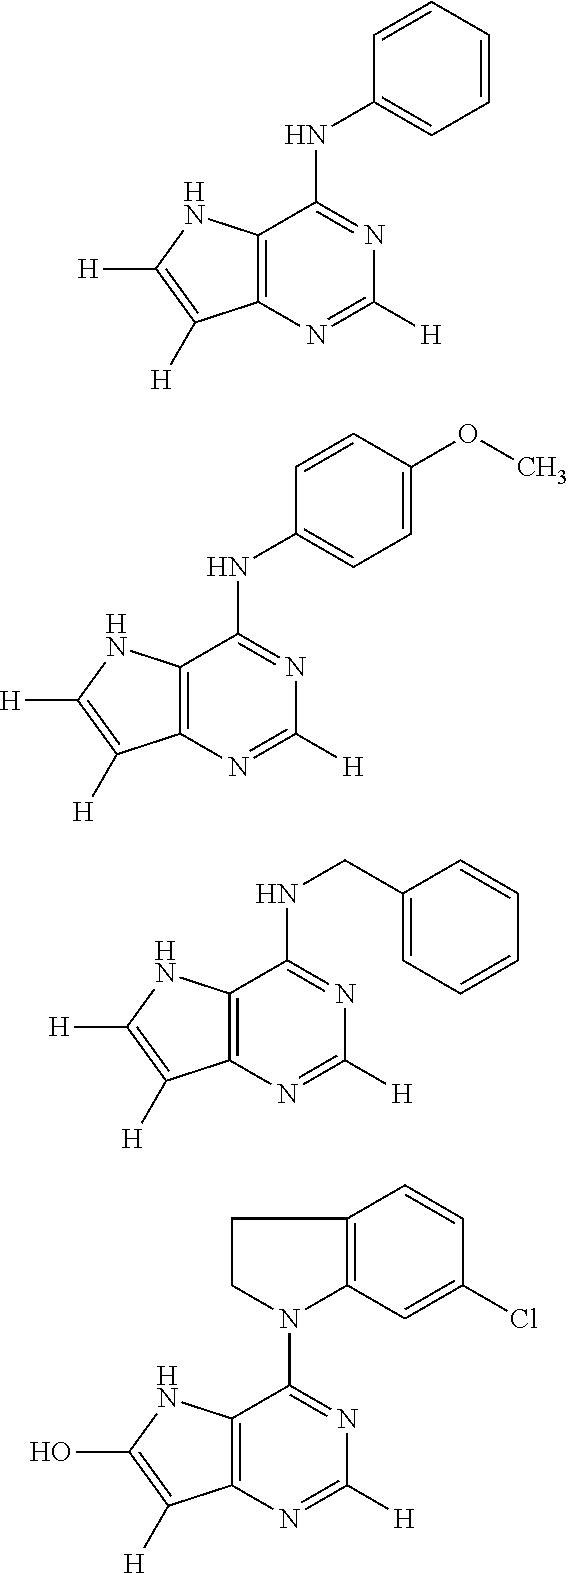 Figure US20110003805A1-20110106-C00045